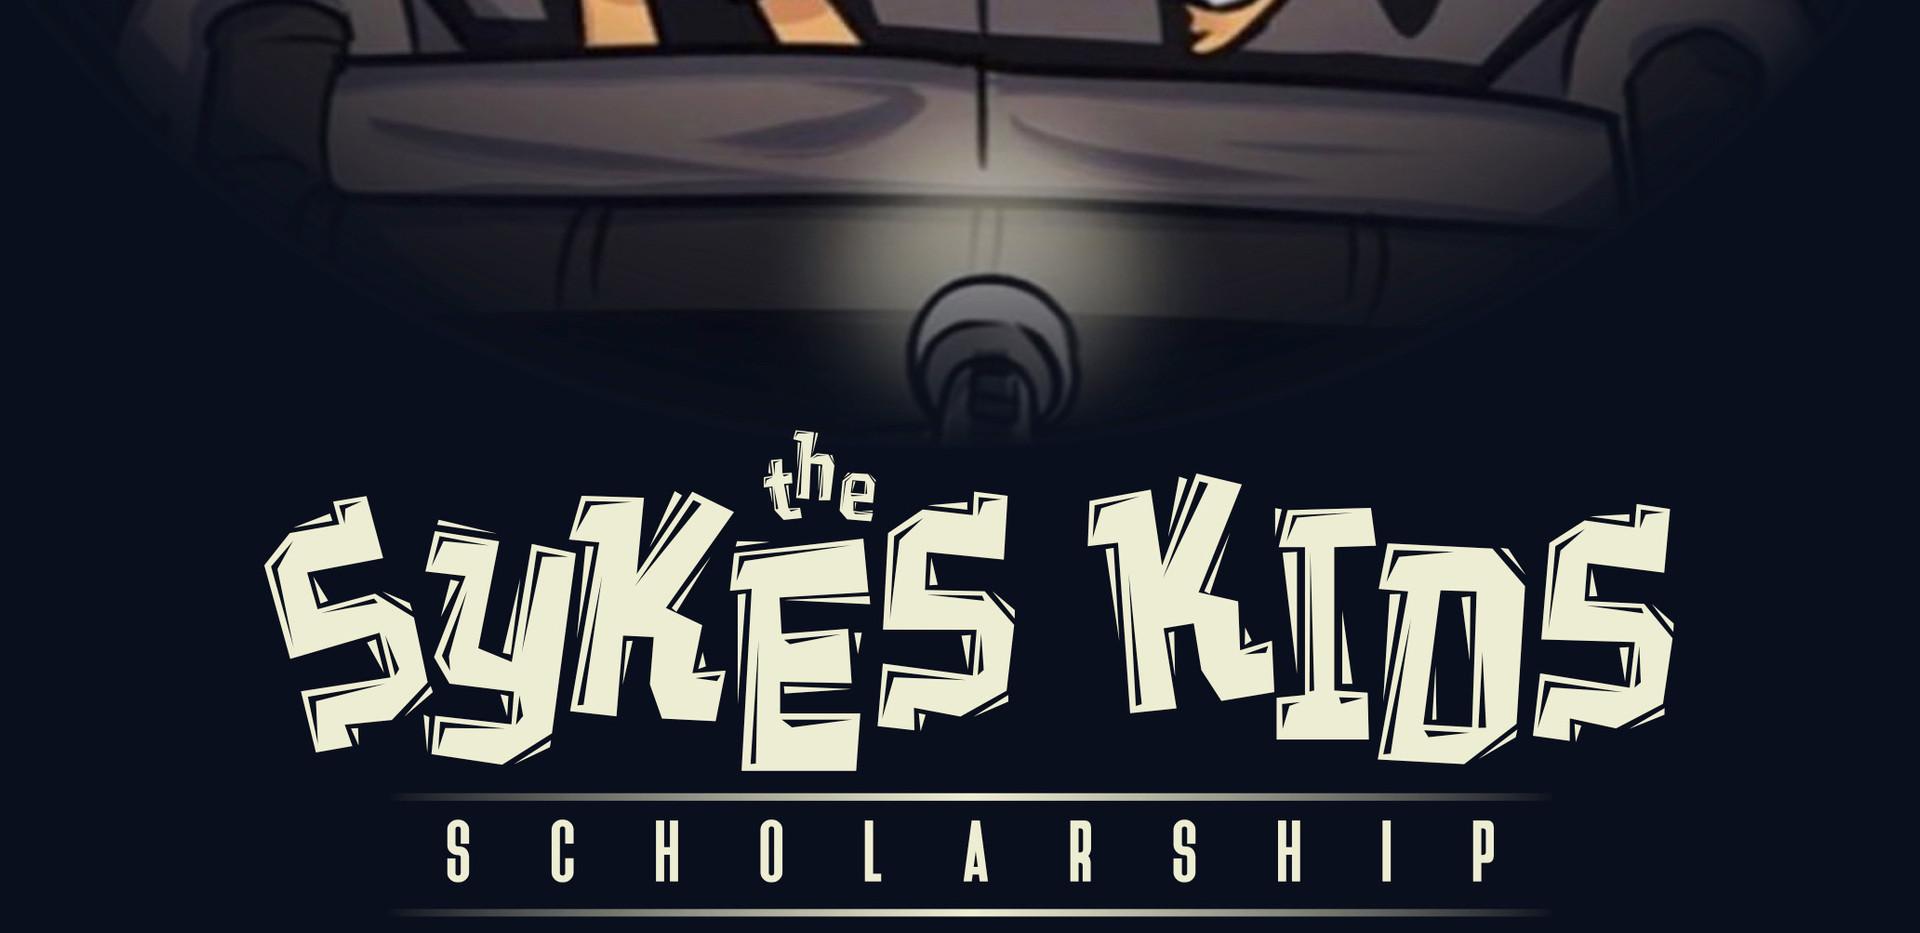 SykesKids illustration